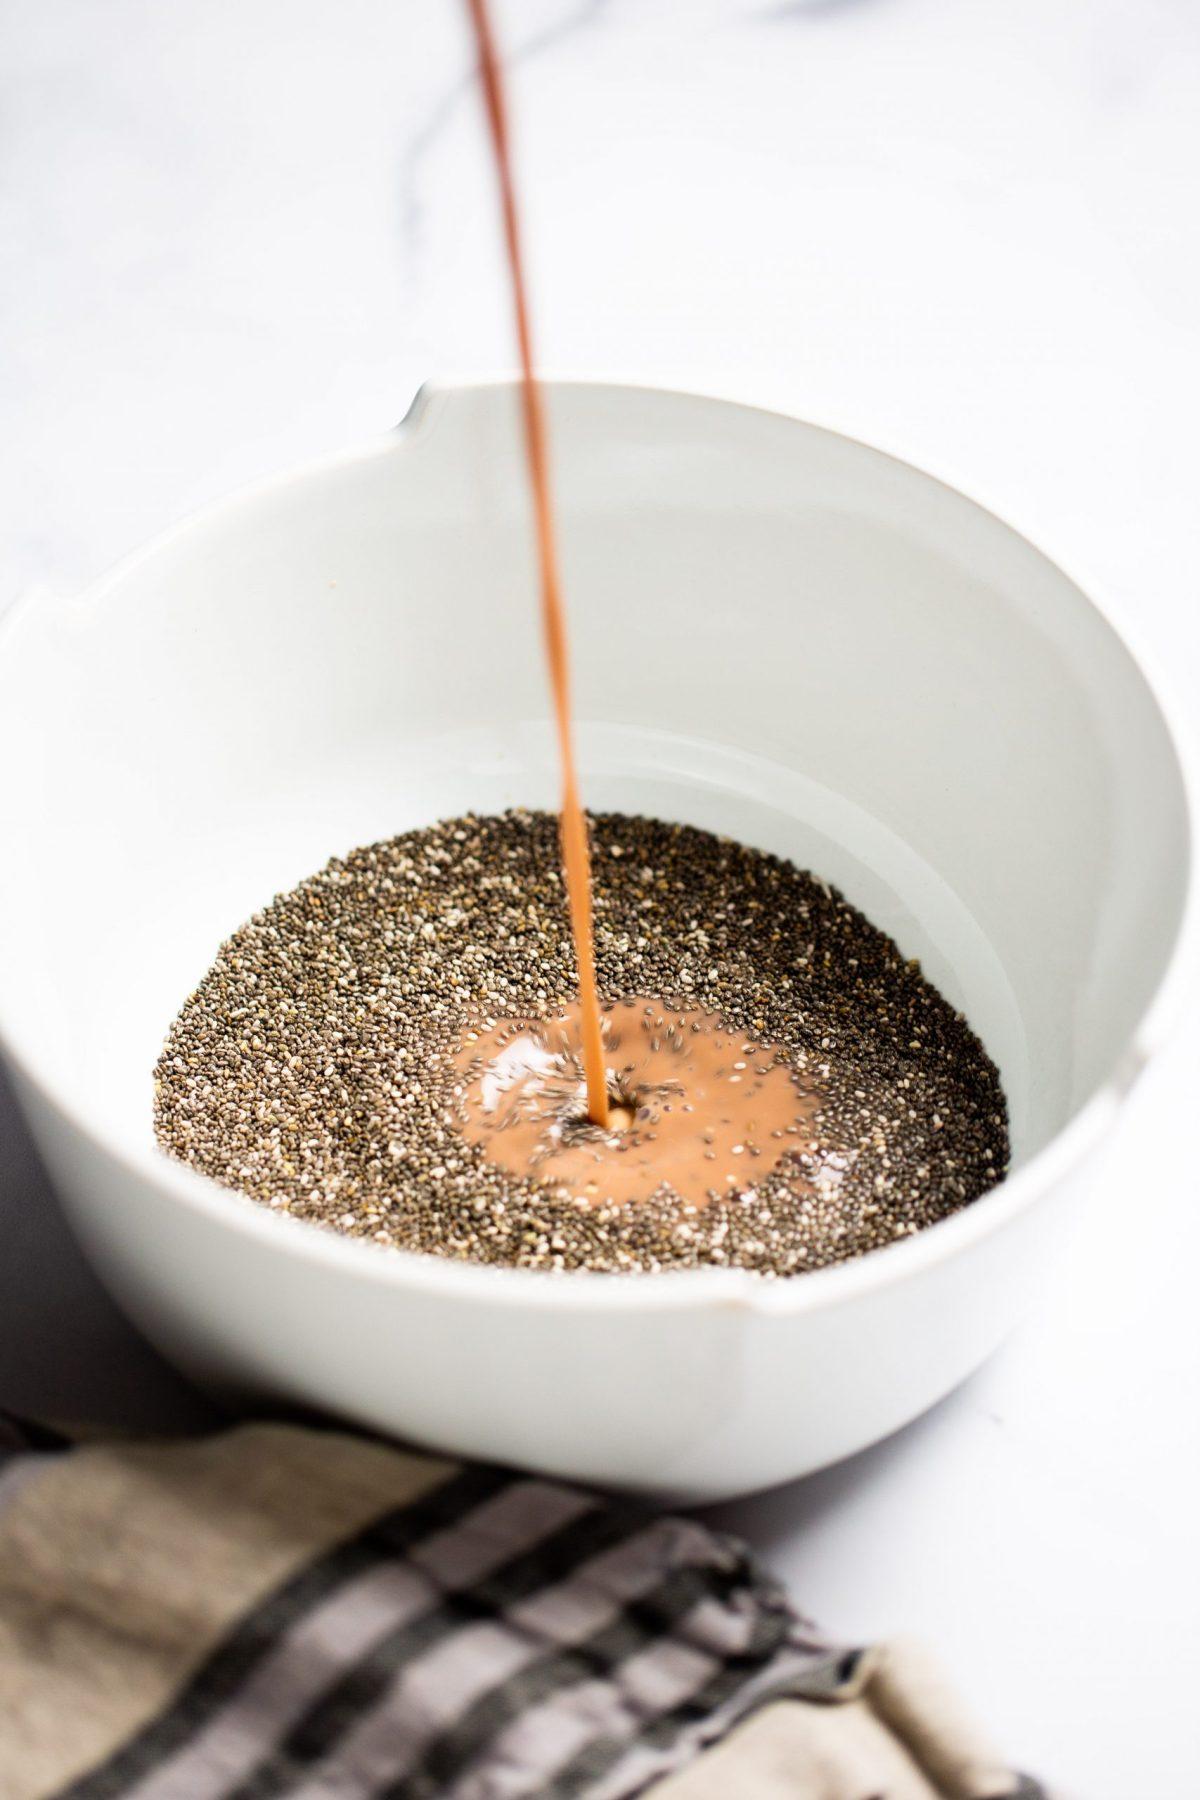 Leche de chocolate de nuez de la india cayendo en semillas